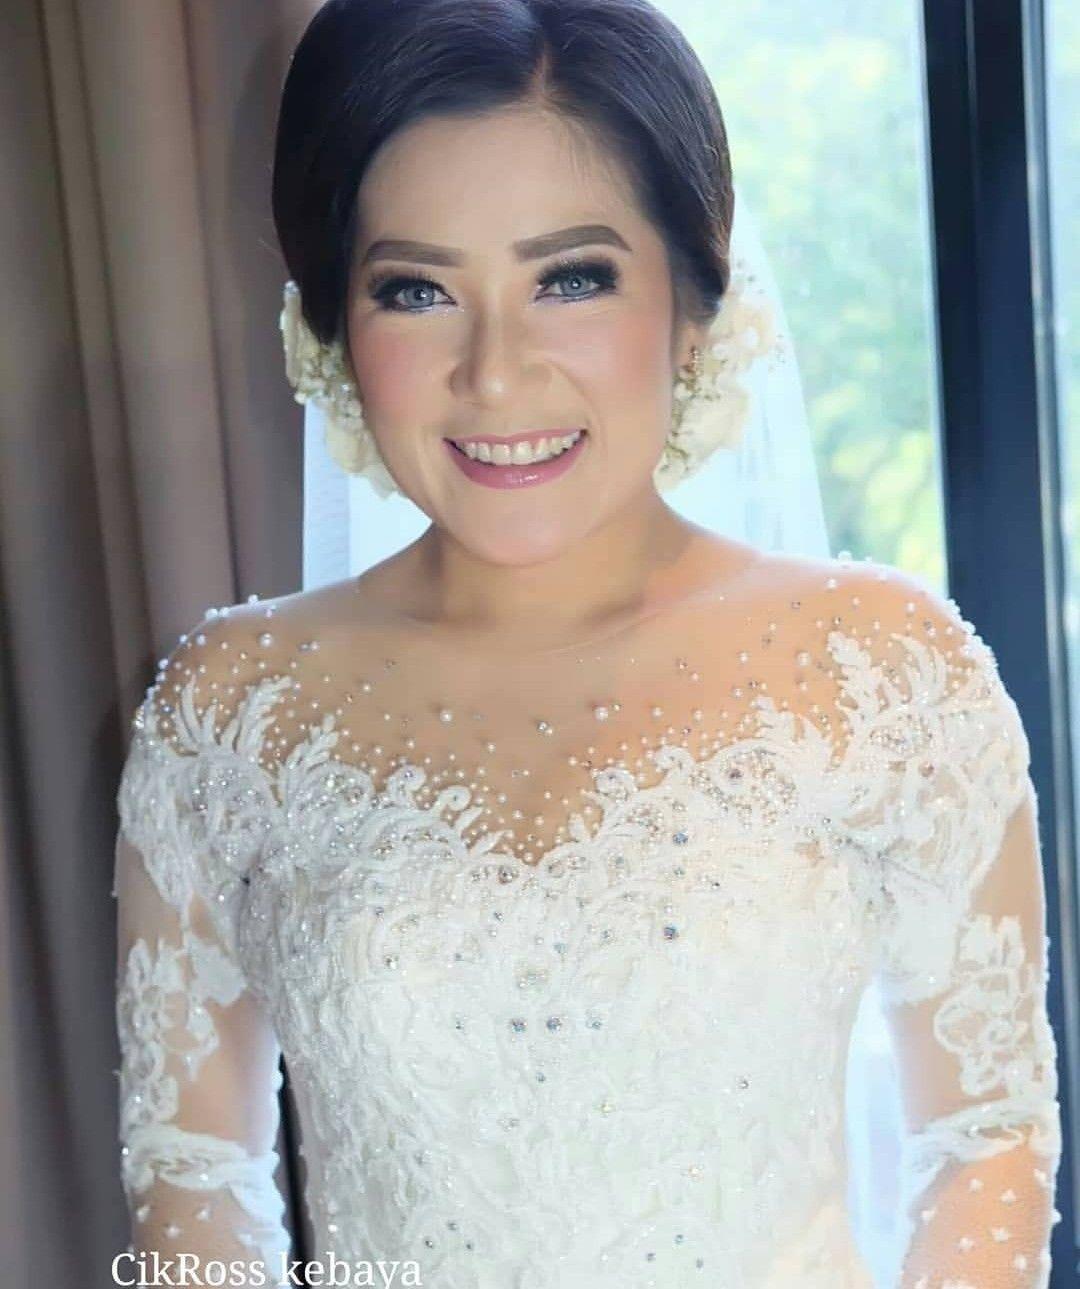 Cikross Kebaya Kebaya Pengantin Kebaya Kebaya Wedding Kebaya